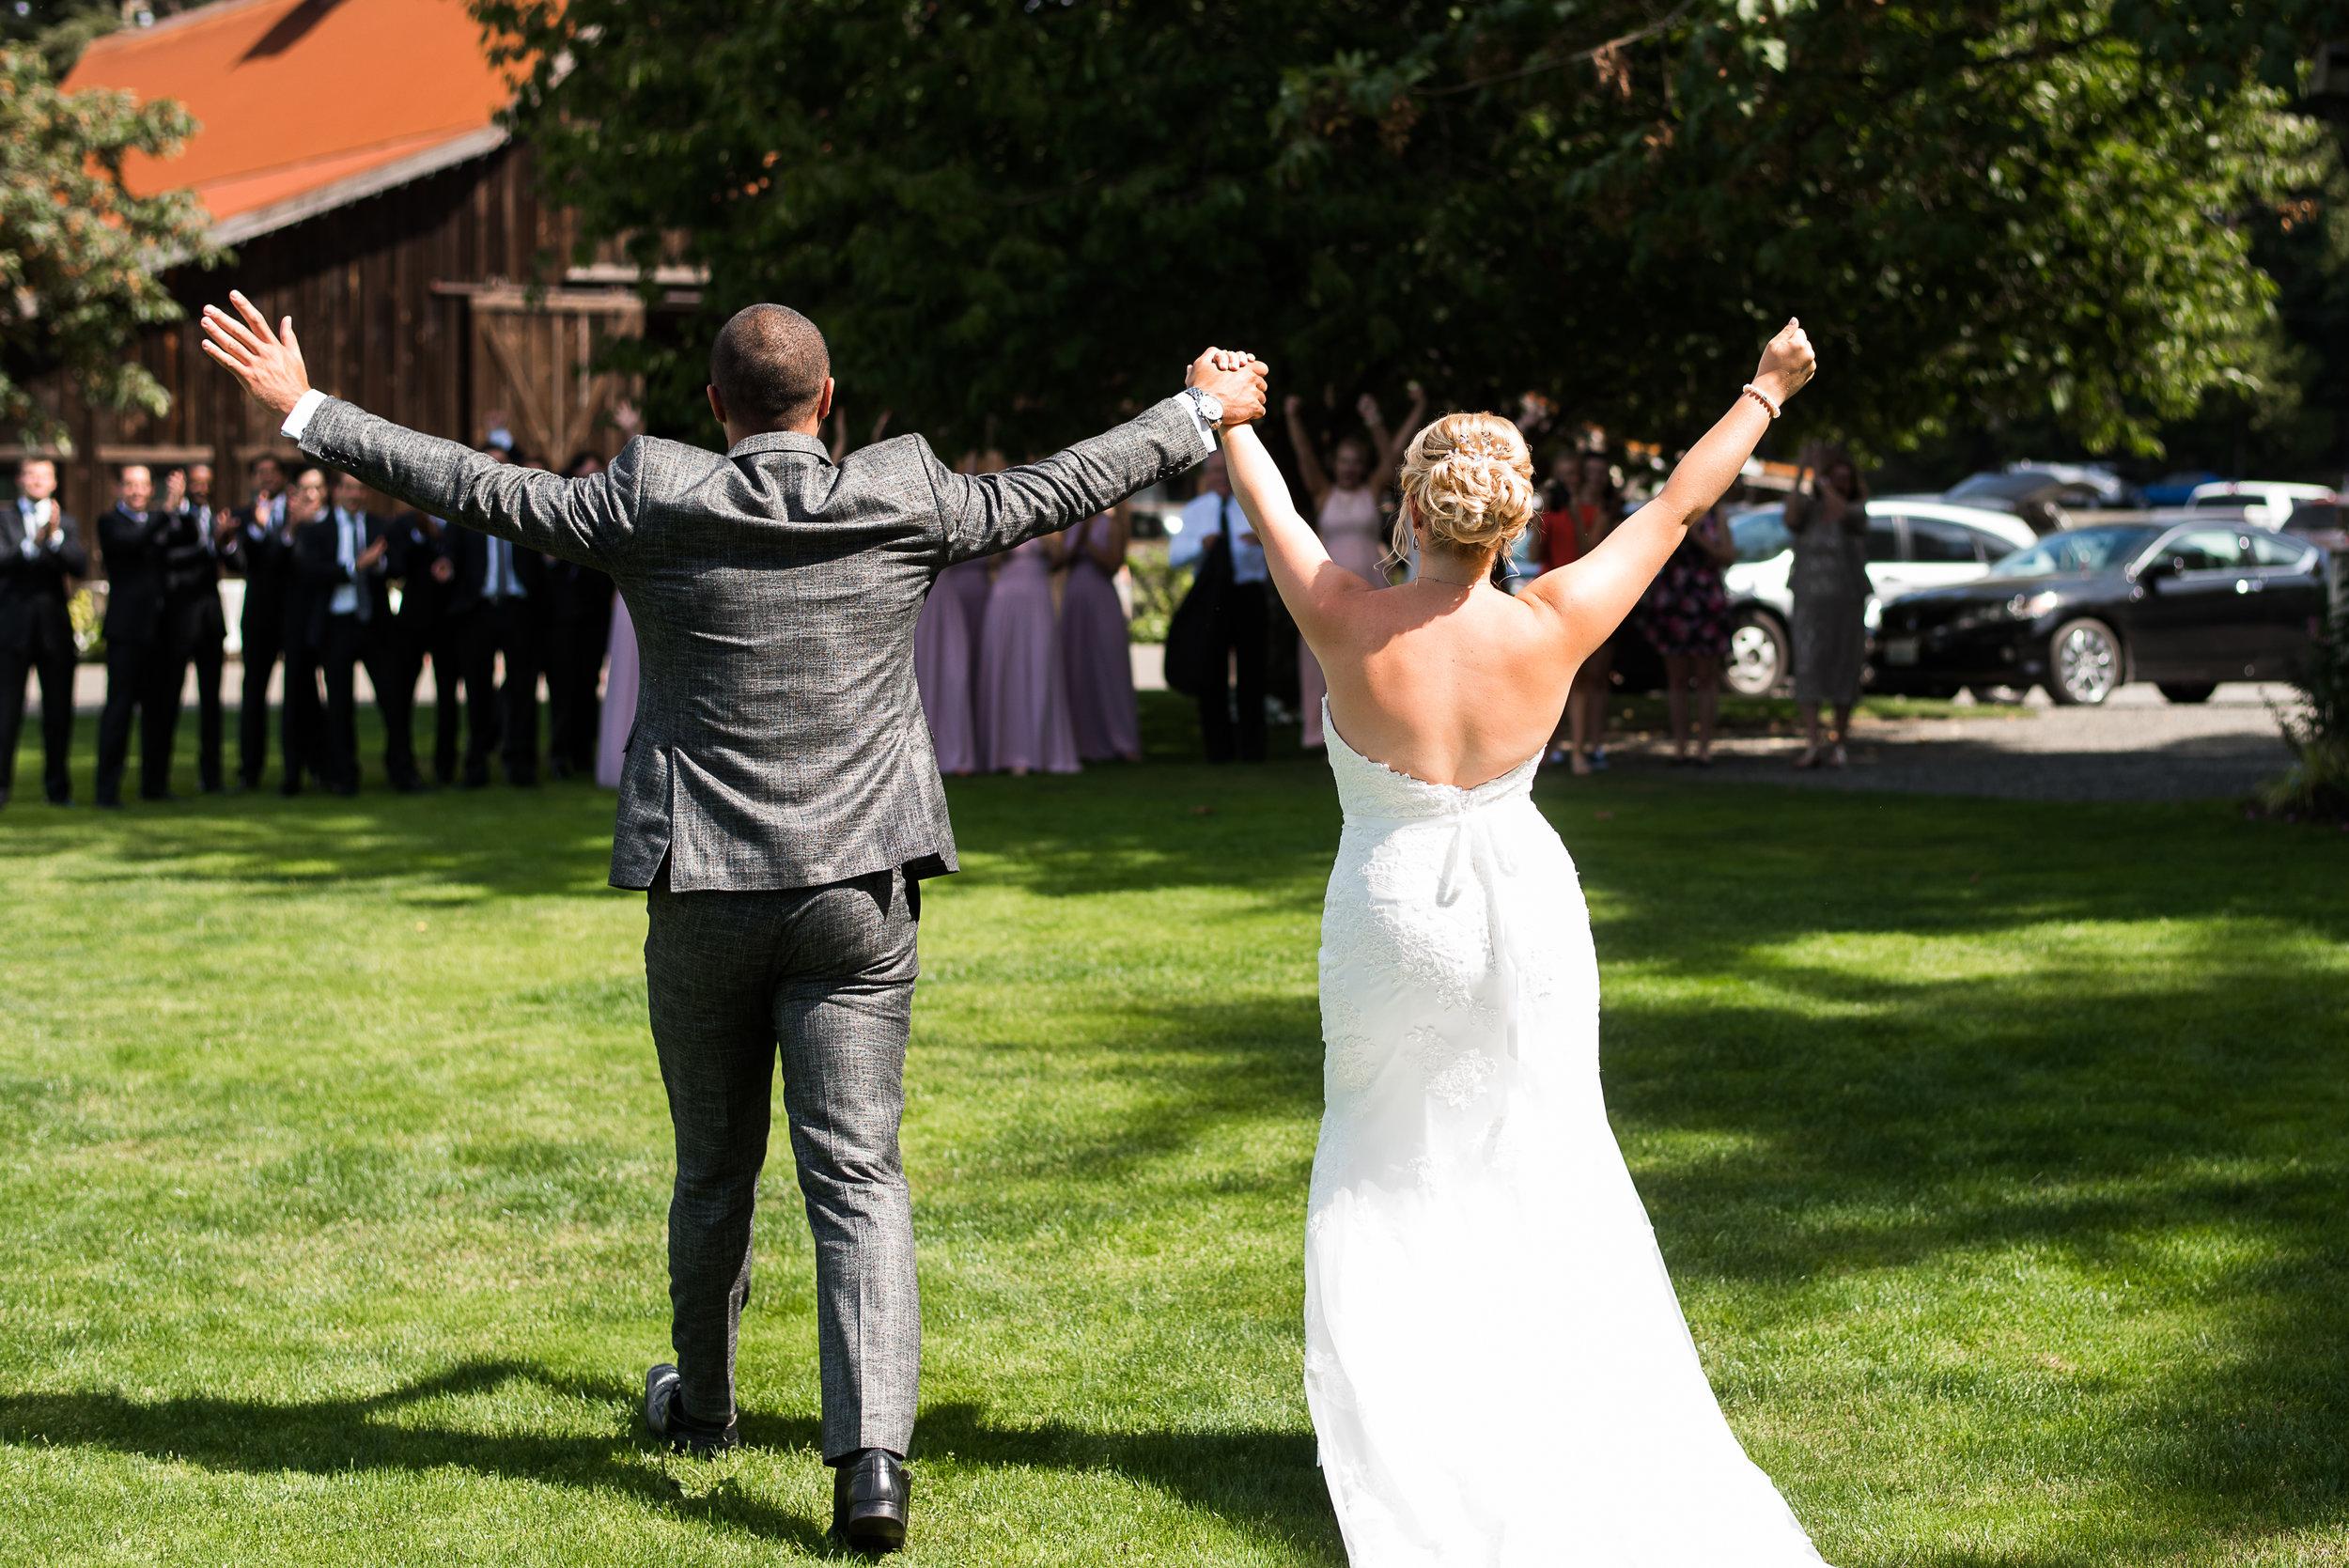 HA-wedding-Van-Wyhe-Photography-119.jpg